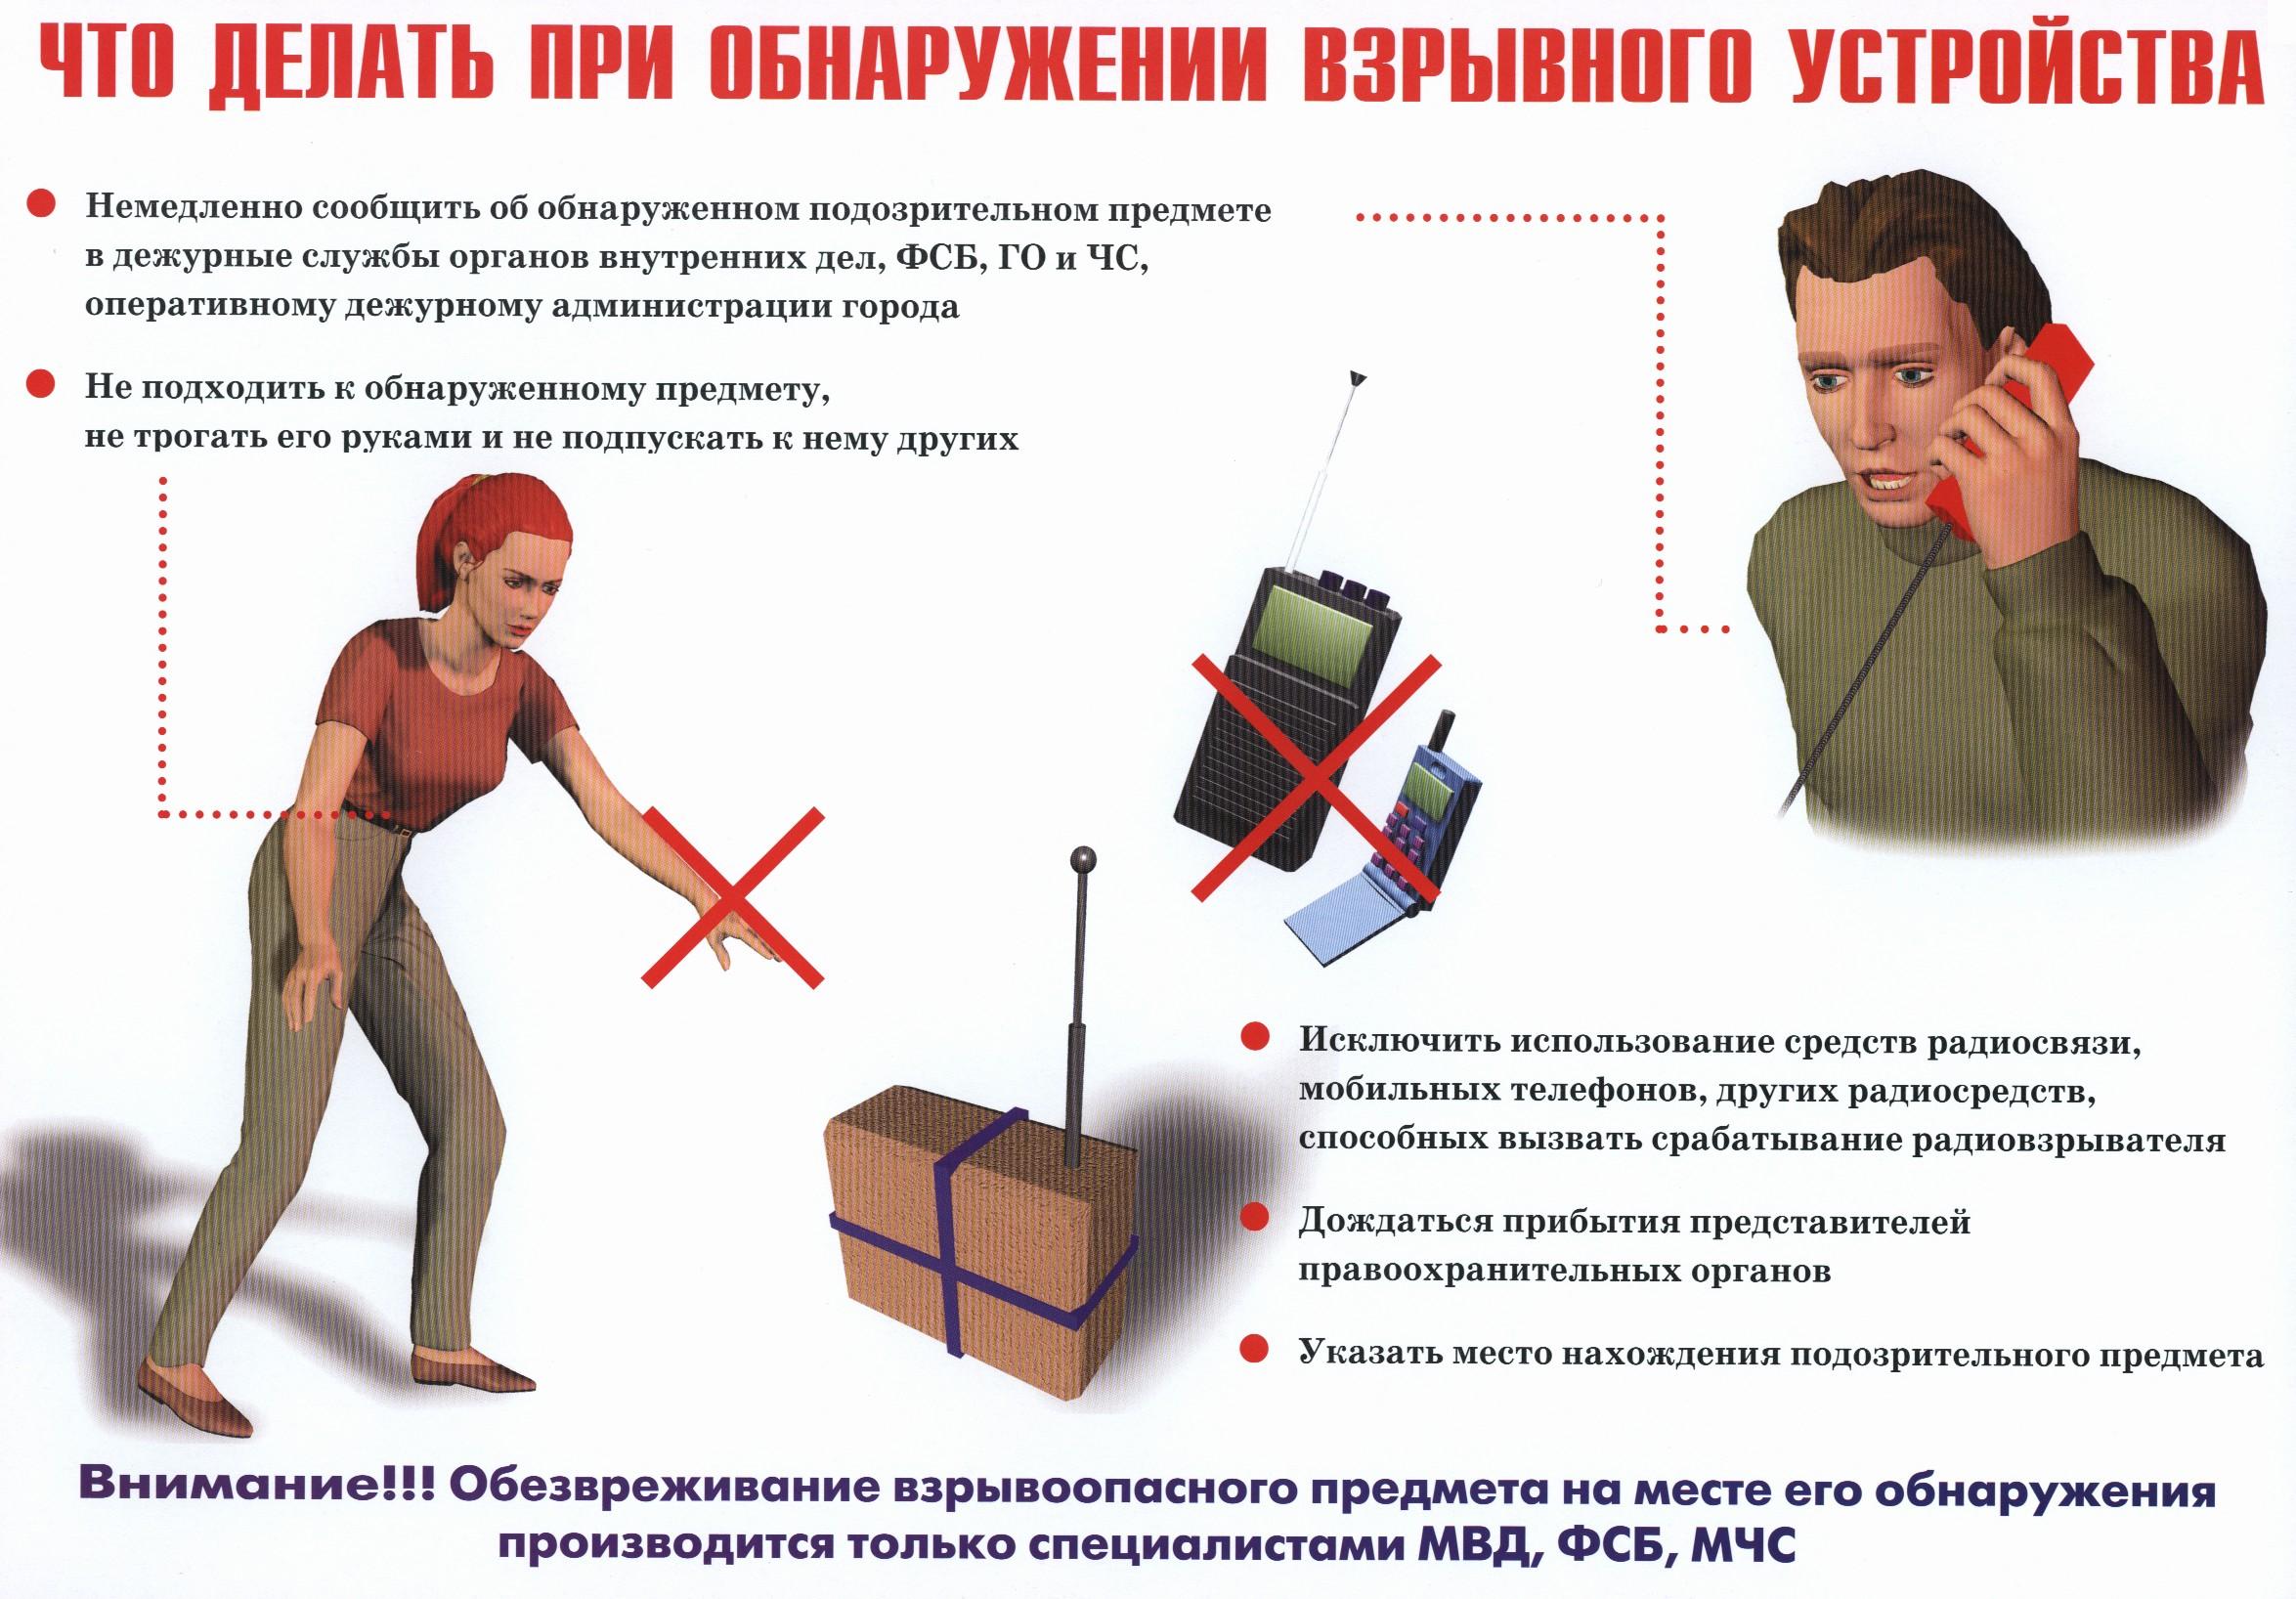 Беседа о мерах личной безопасности при обнаружении подозрительных бесхозных предметов